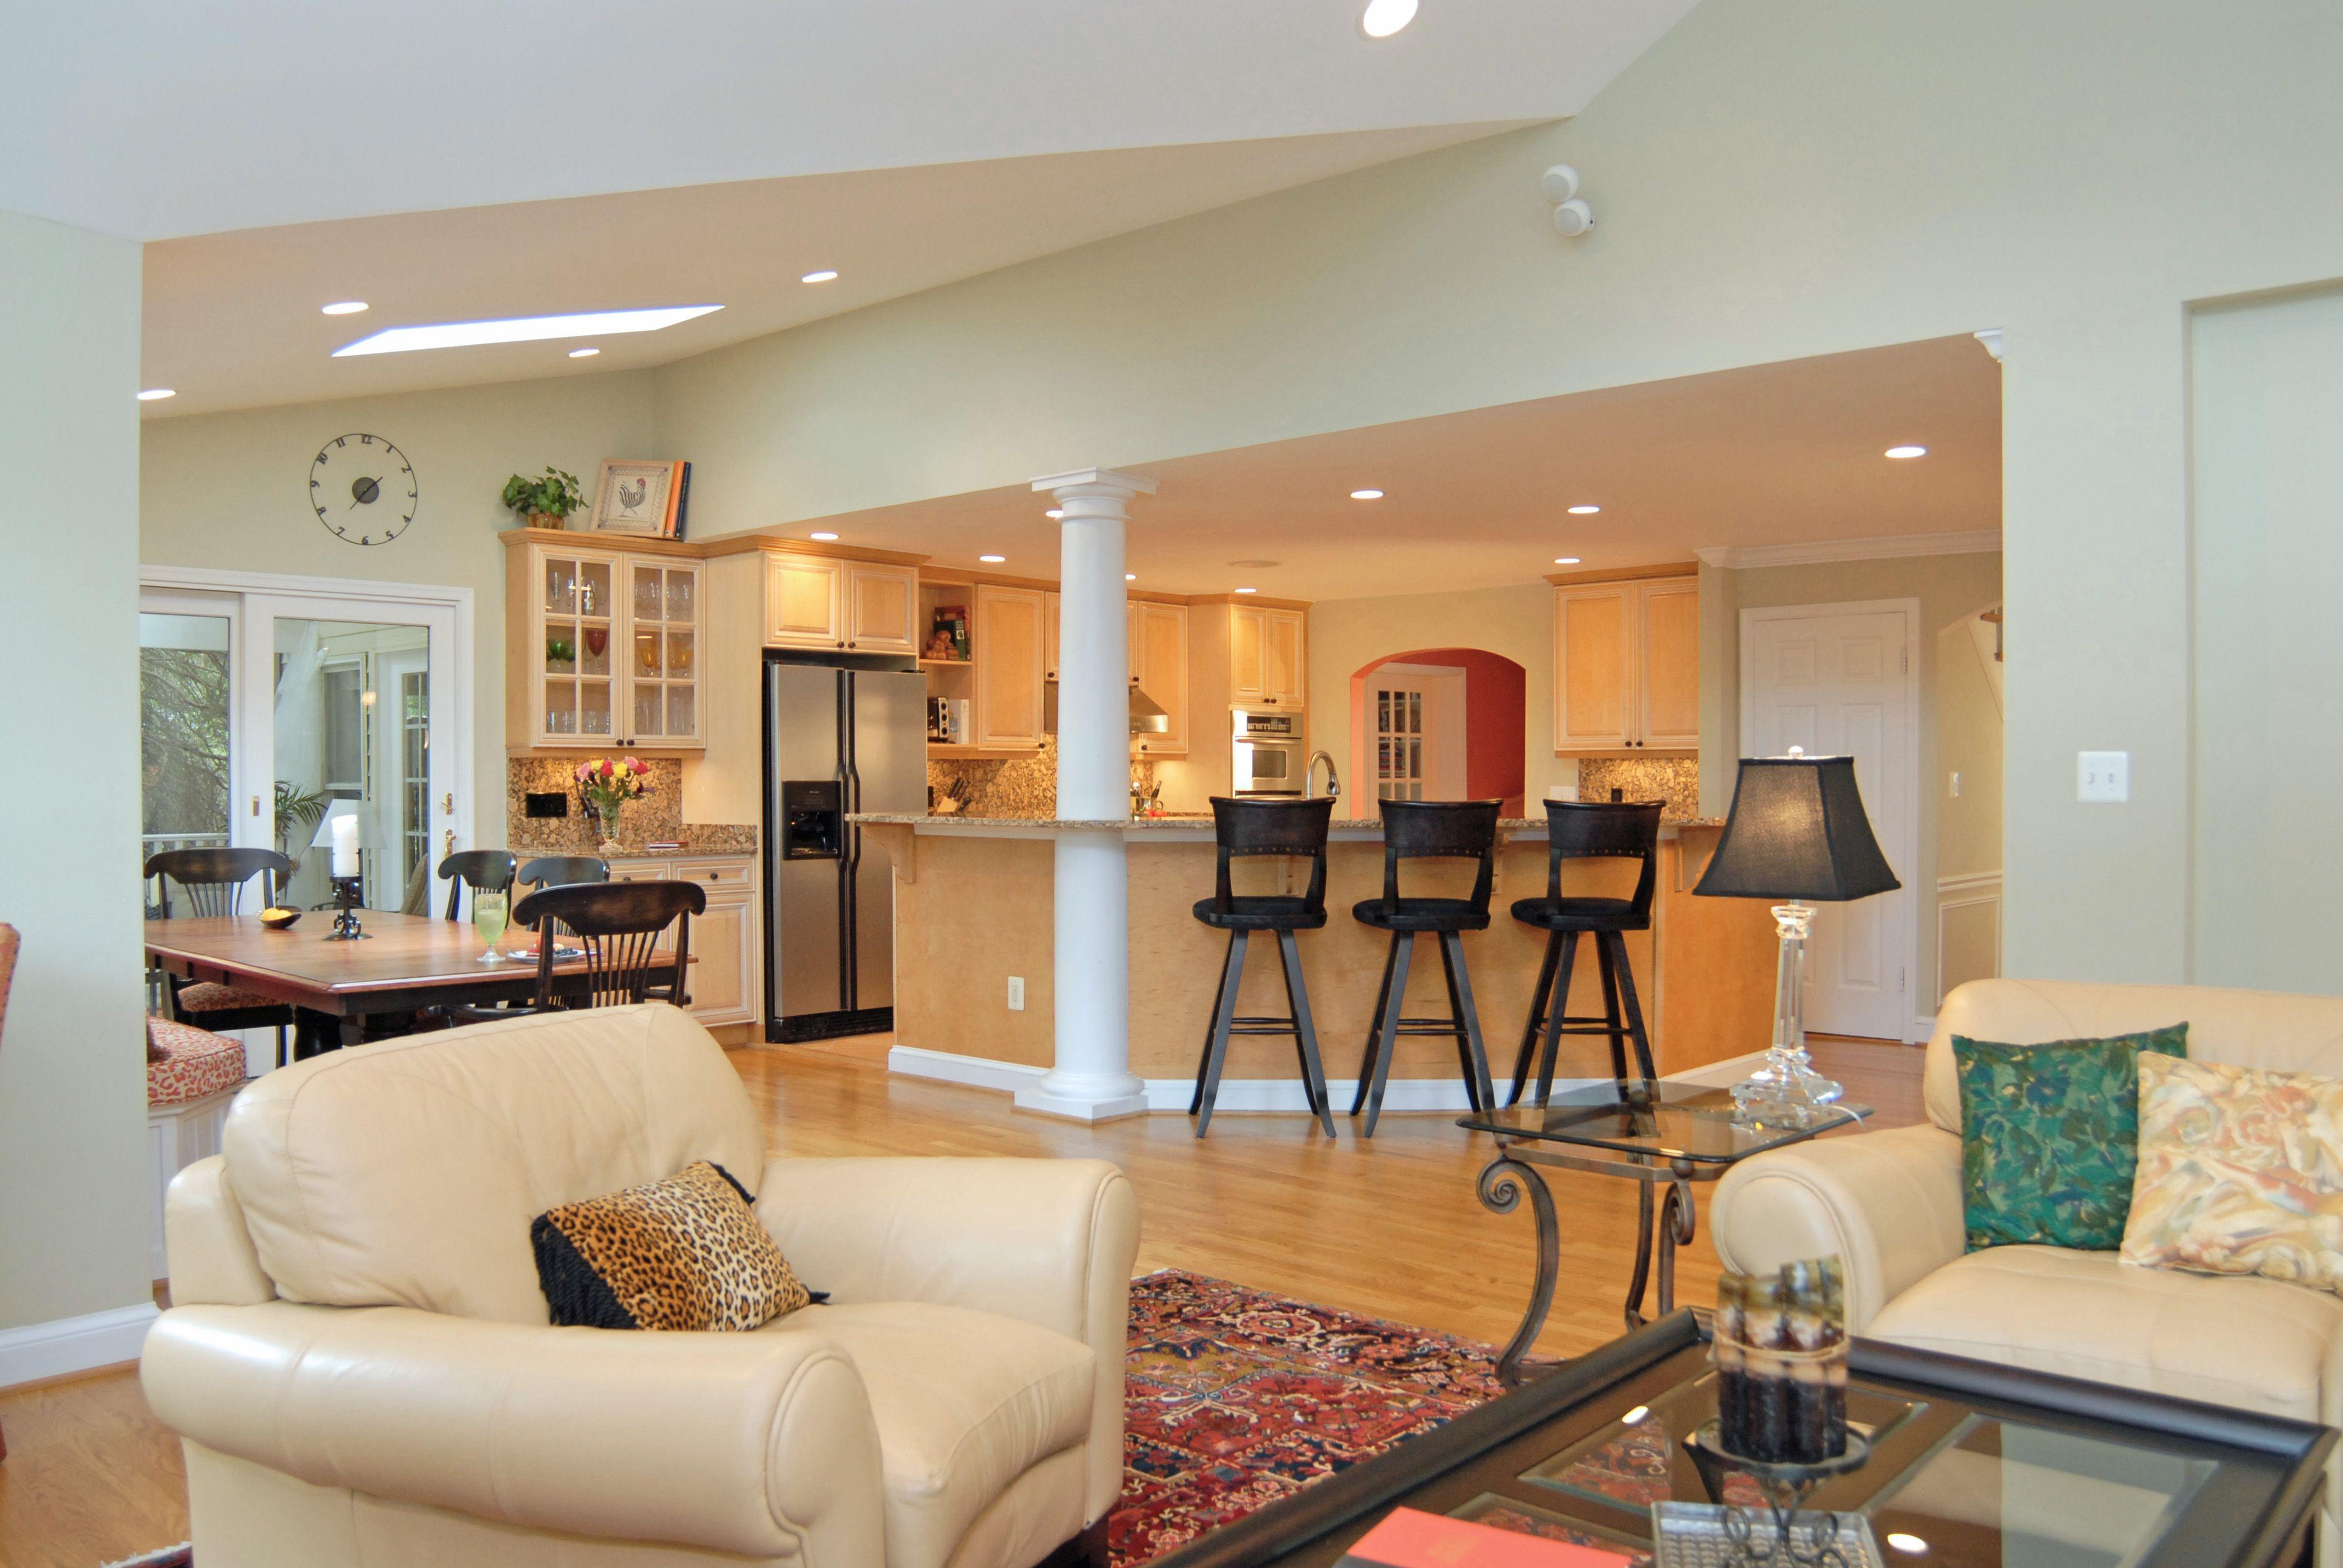 Top Five Benefits Of Open Concept Floor Plans With Images Open Concept Home House Floor Plans Open Concept Floor Plans